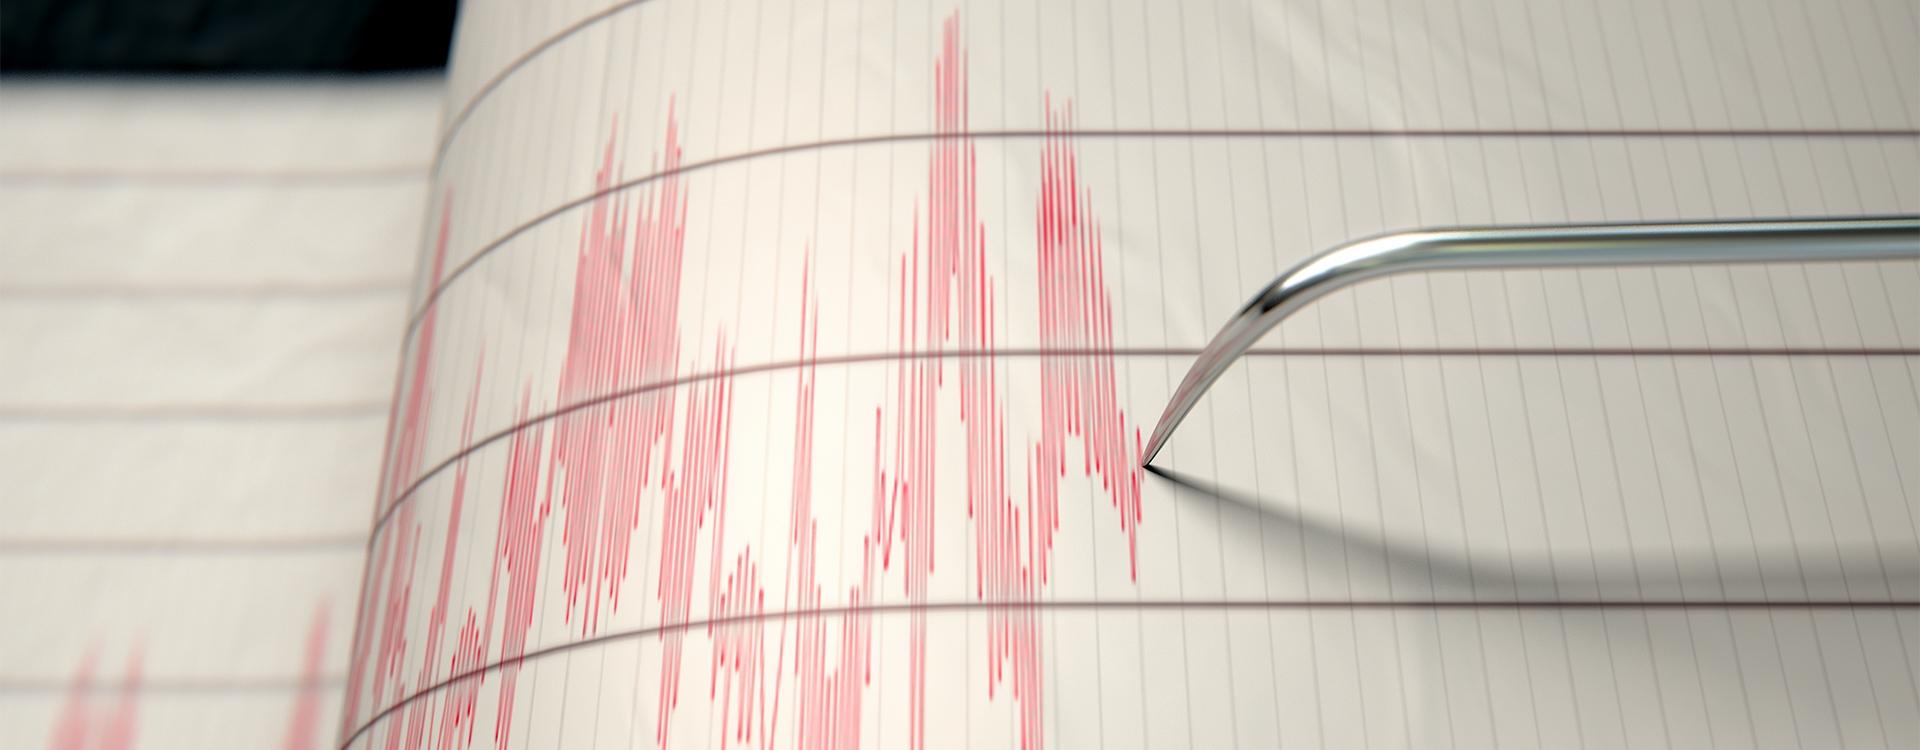 La France connaît-elle beaucoup de séismes ? / C1-C2